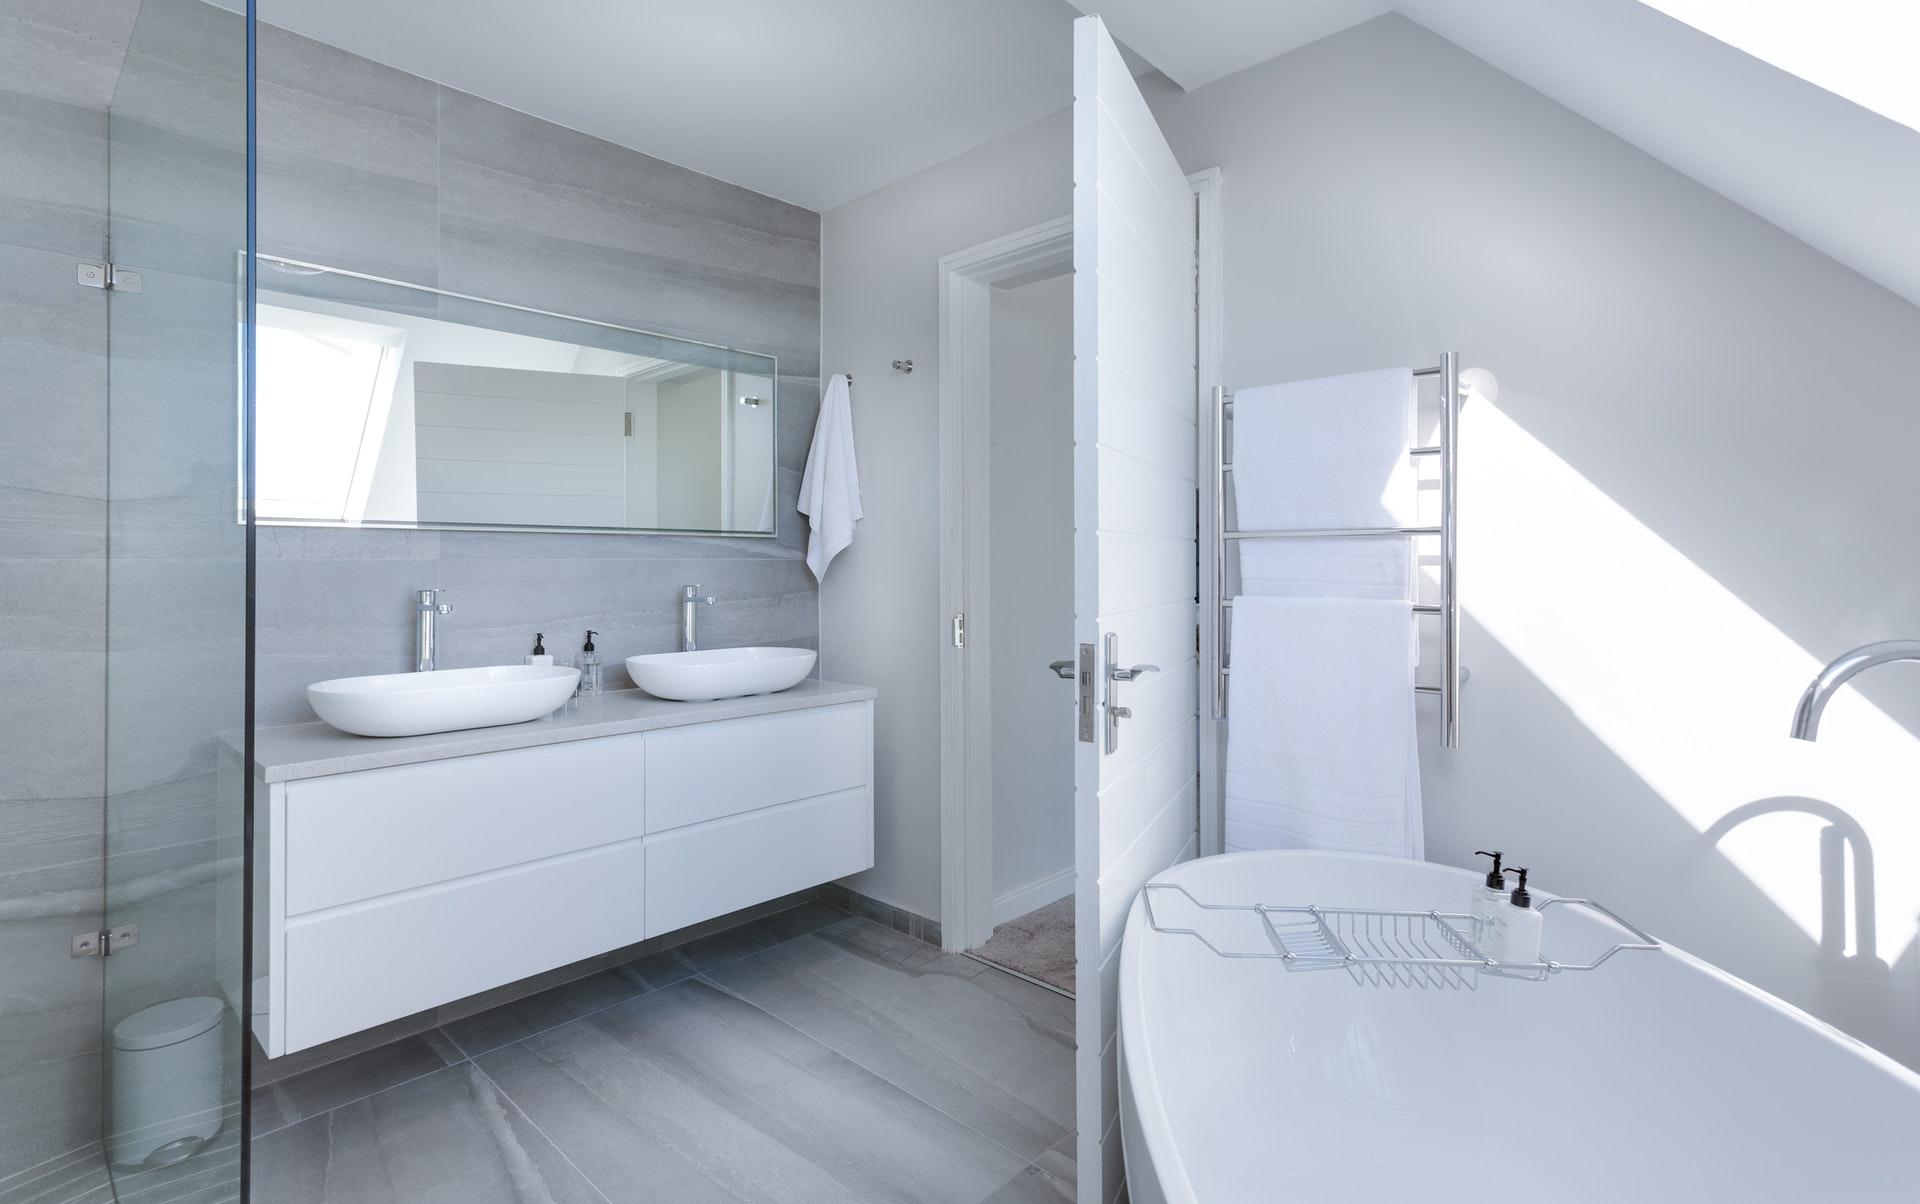 les avantages du carrelage imitation bois pour la salle de bain